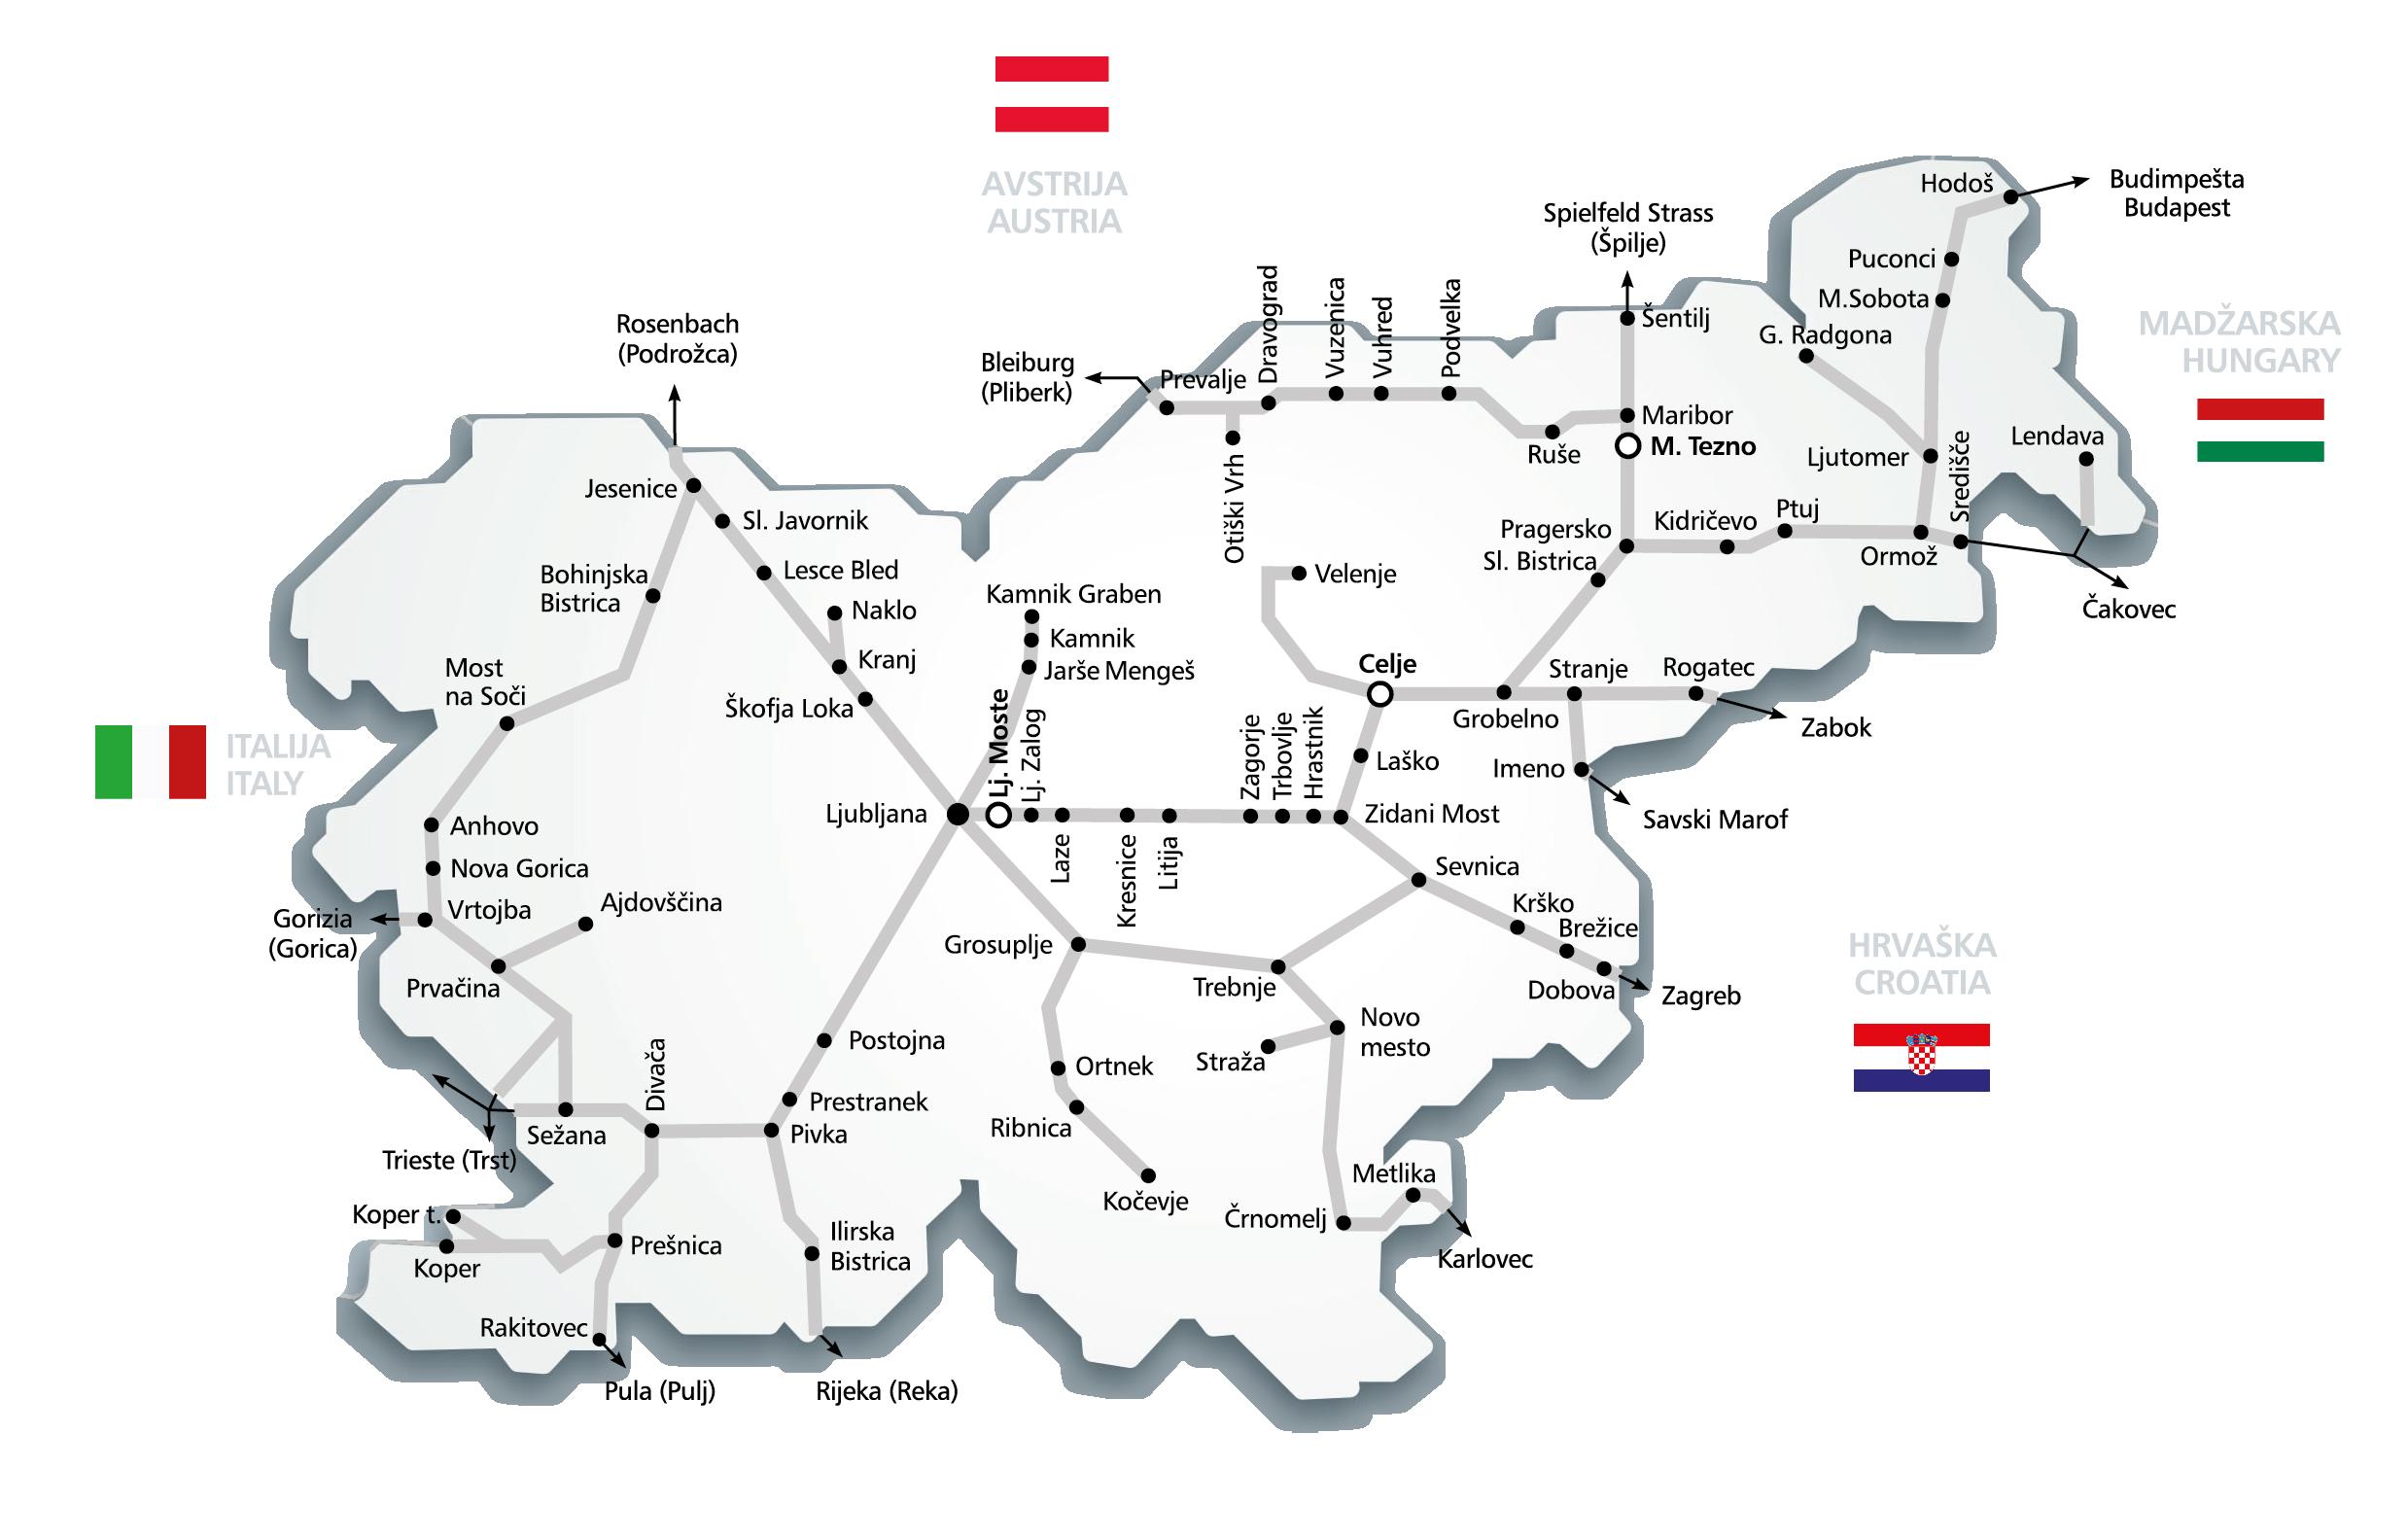 Klikni za povečavo zemljevida prog